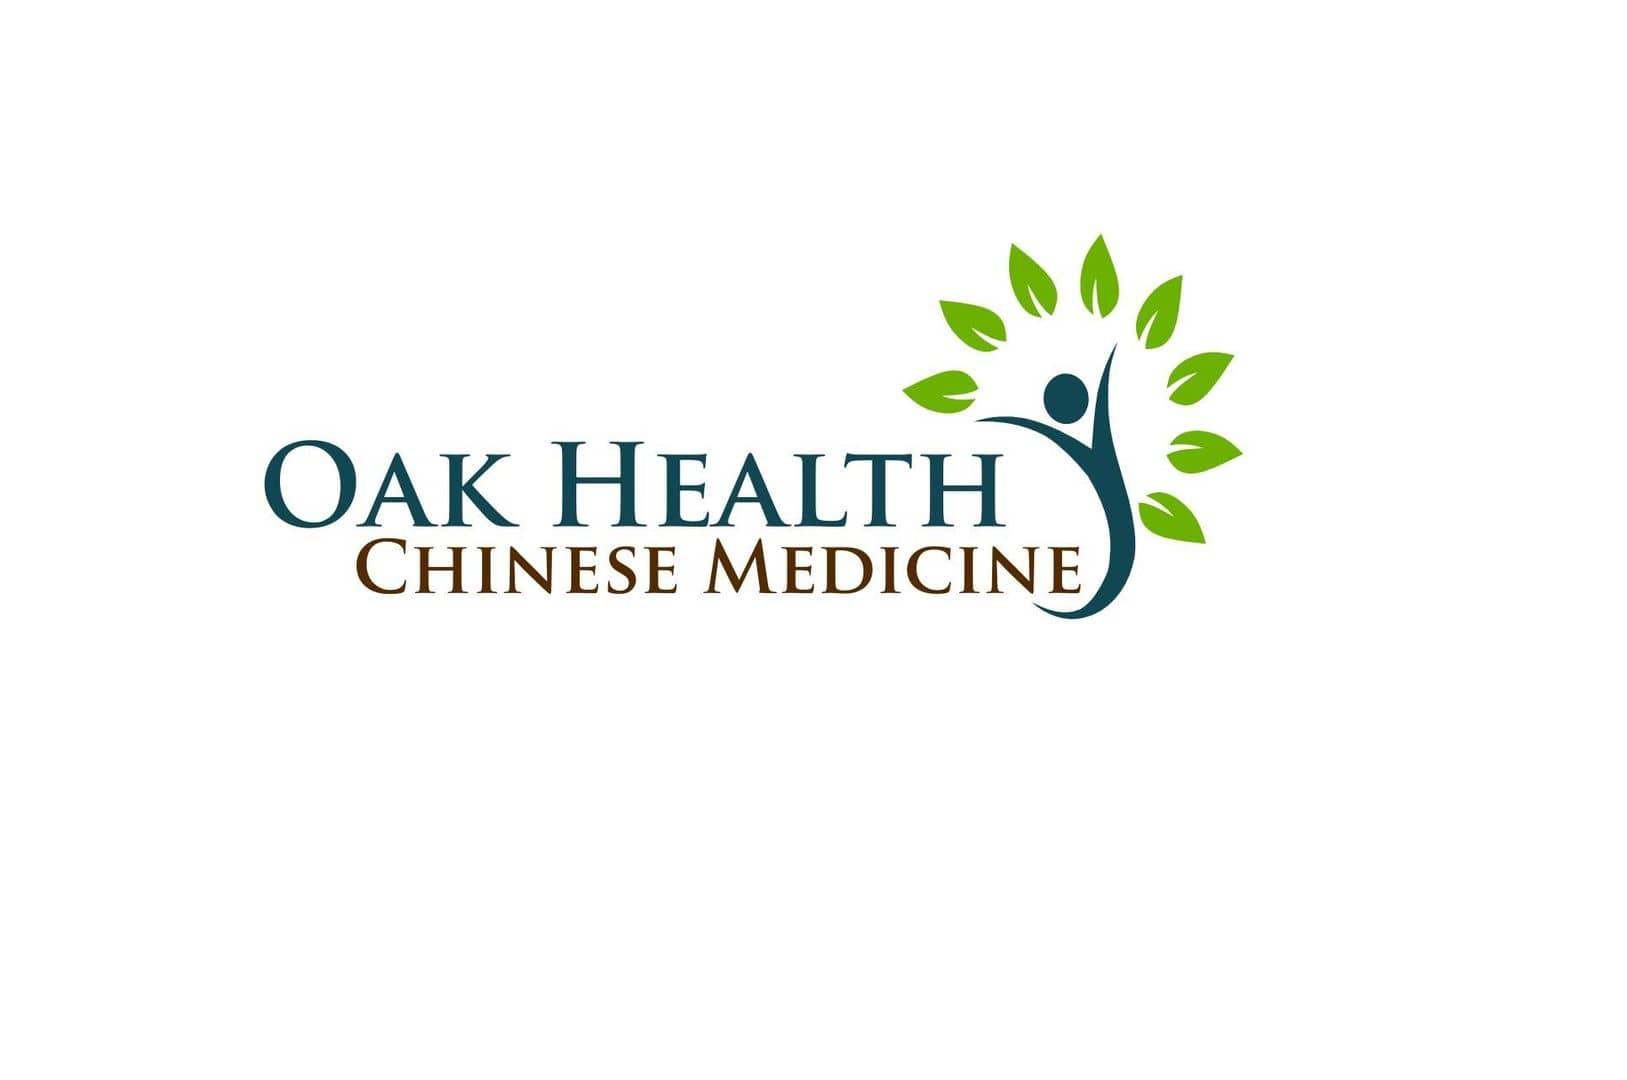 Oak Health image